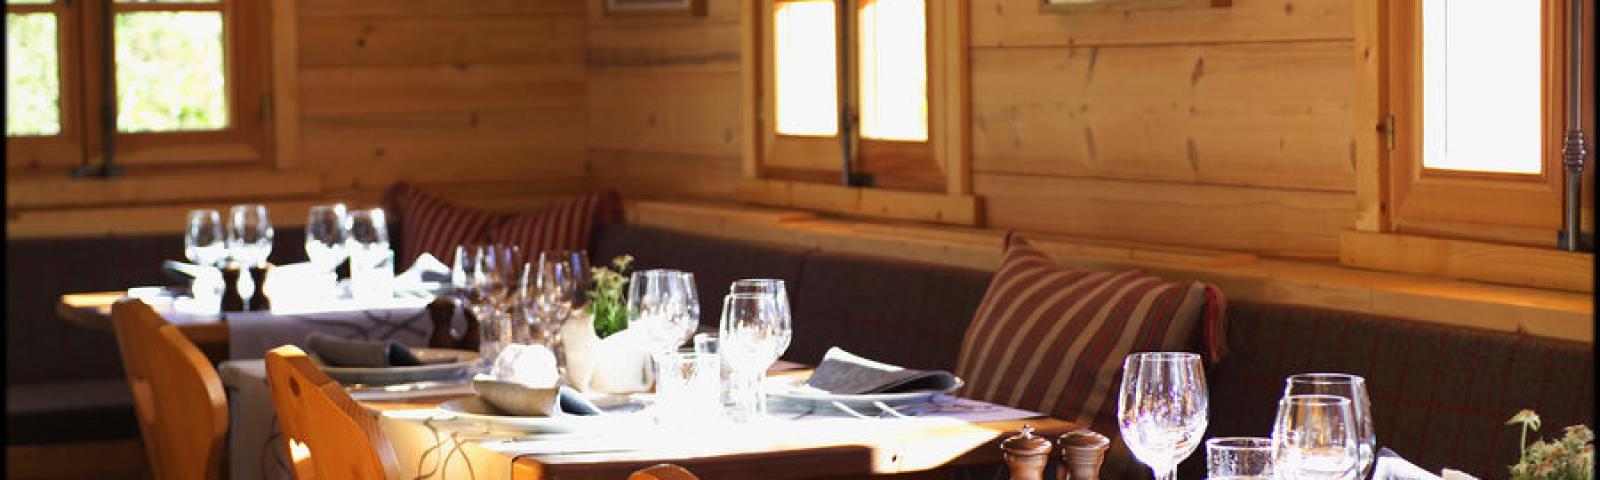 Restaurant gastronomique de la ferme du chozal à Hauteluce